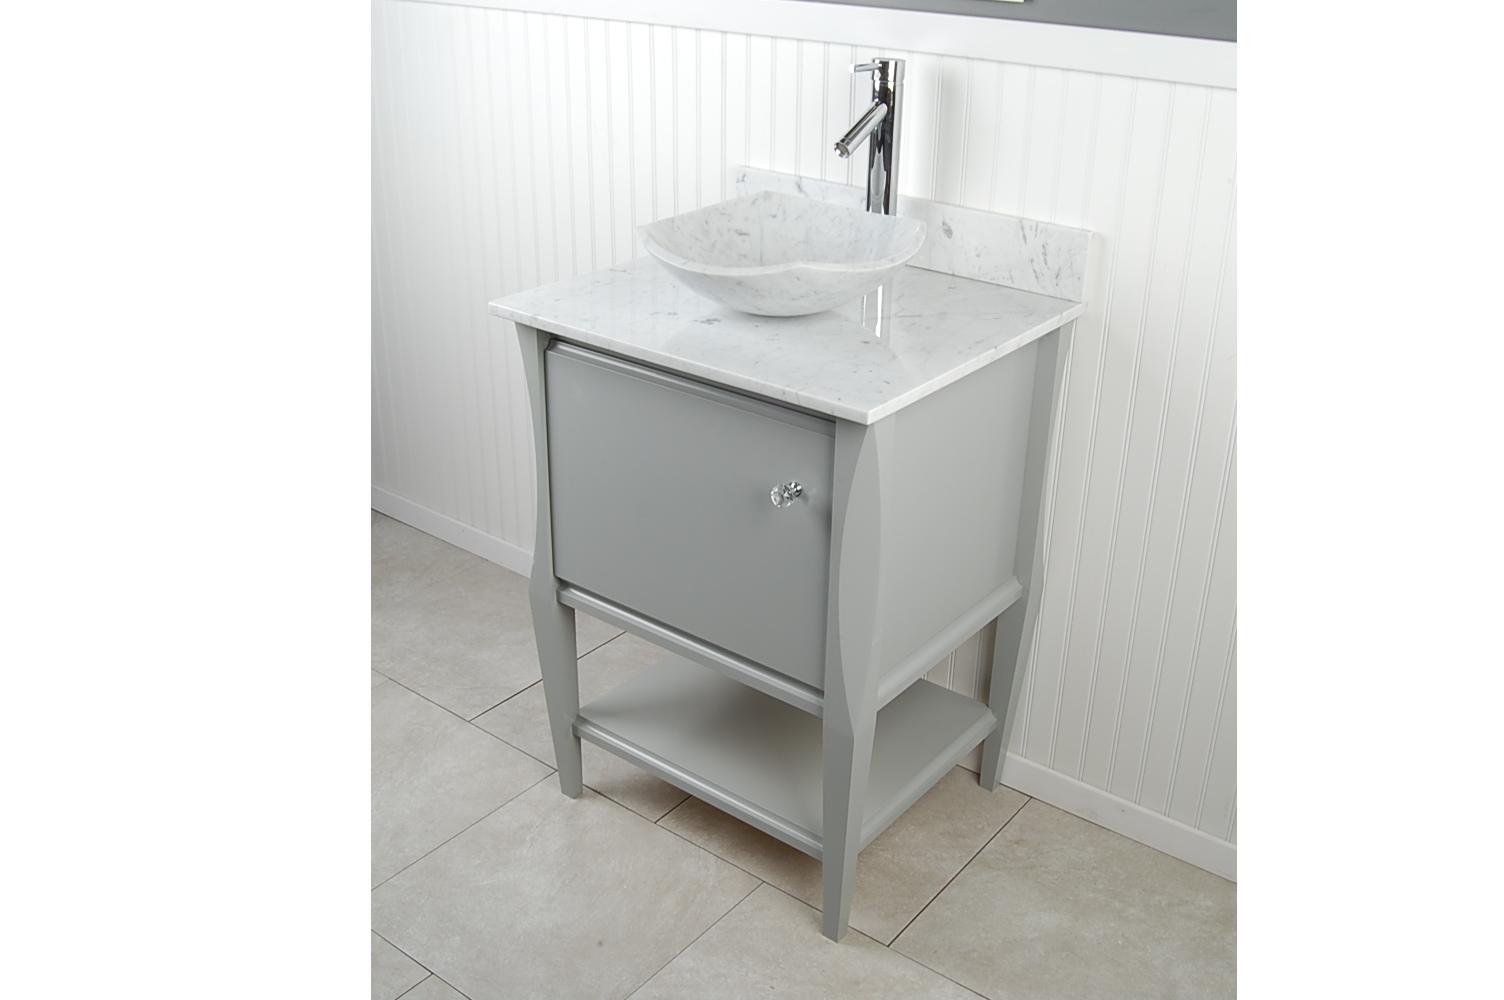 d vontz natural marble vessel single sink bathroom vanity top. wm fong sh24 gr v2 d vontz natural marble vessel single sink bathroom vanity top t